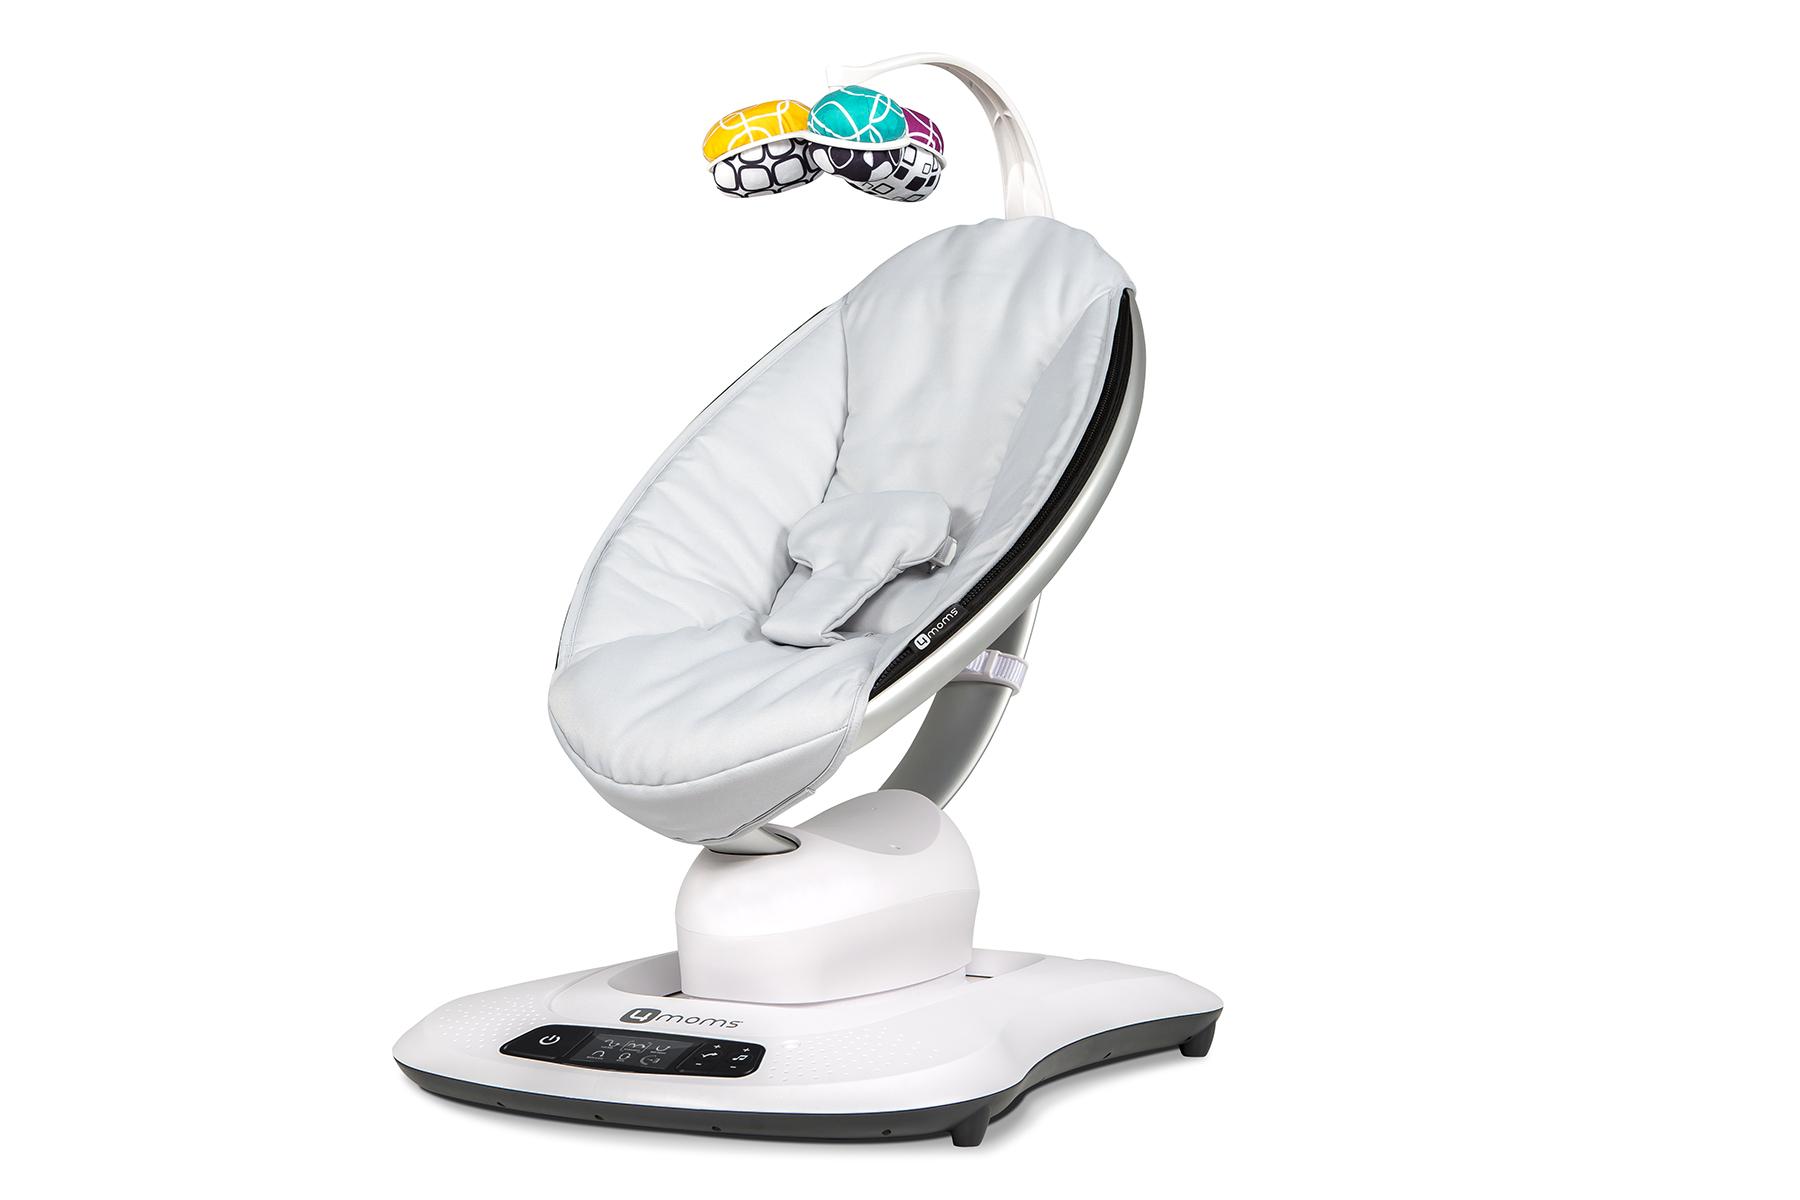 Качели для новорожденных 4moms MamaRoo 4.0 - серебристая электронный шезлонг качалка 4moms mamaroo 4 мульти плюш